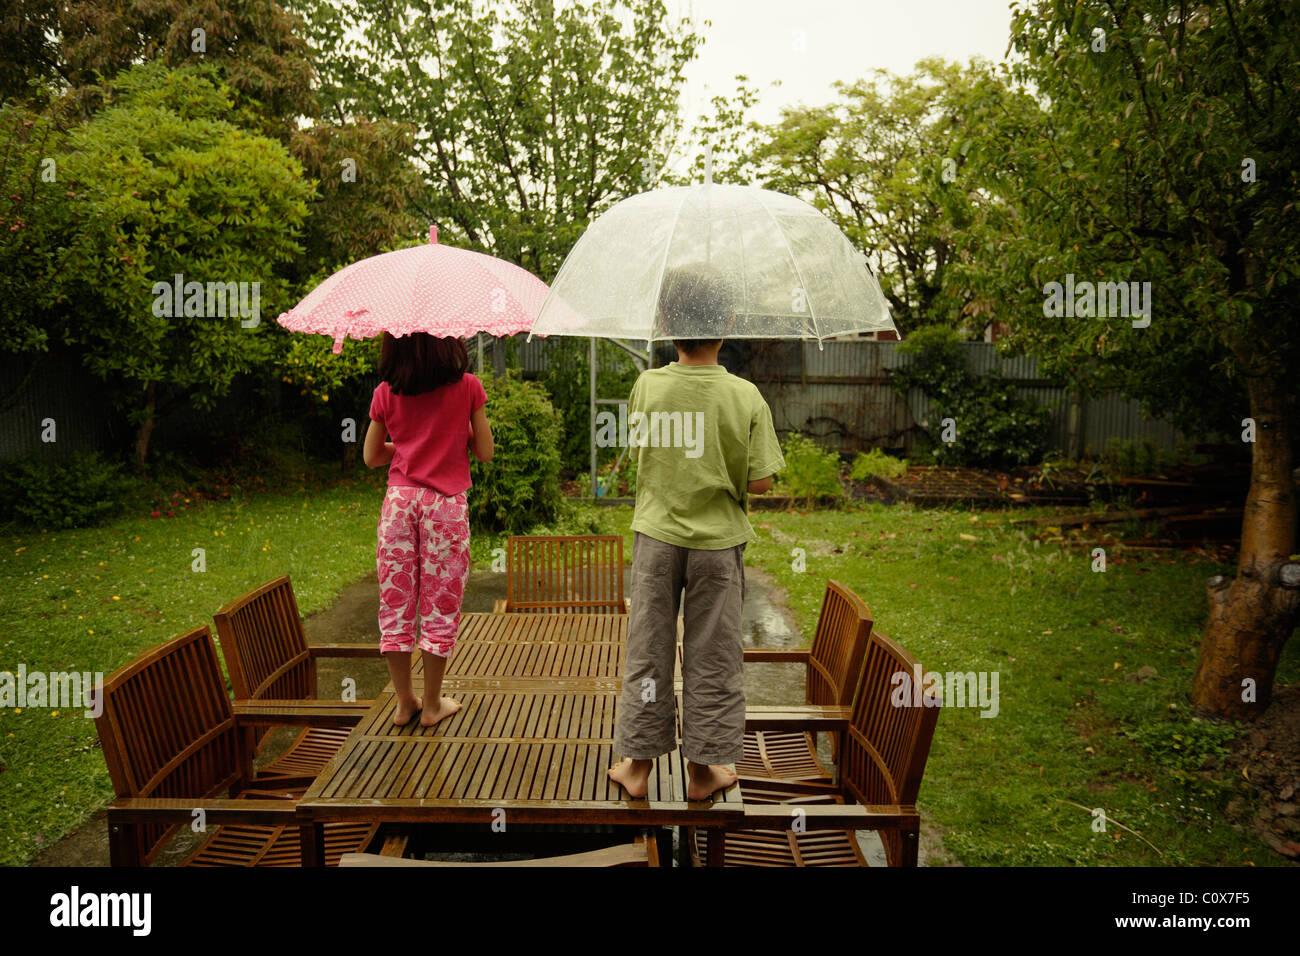 Jungen und Mädchen stehen auf Tisch im Garten beobachtete den Regen an einem Wochenende. Stockbild